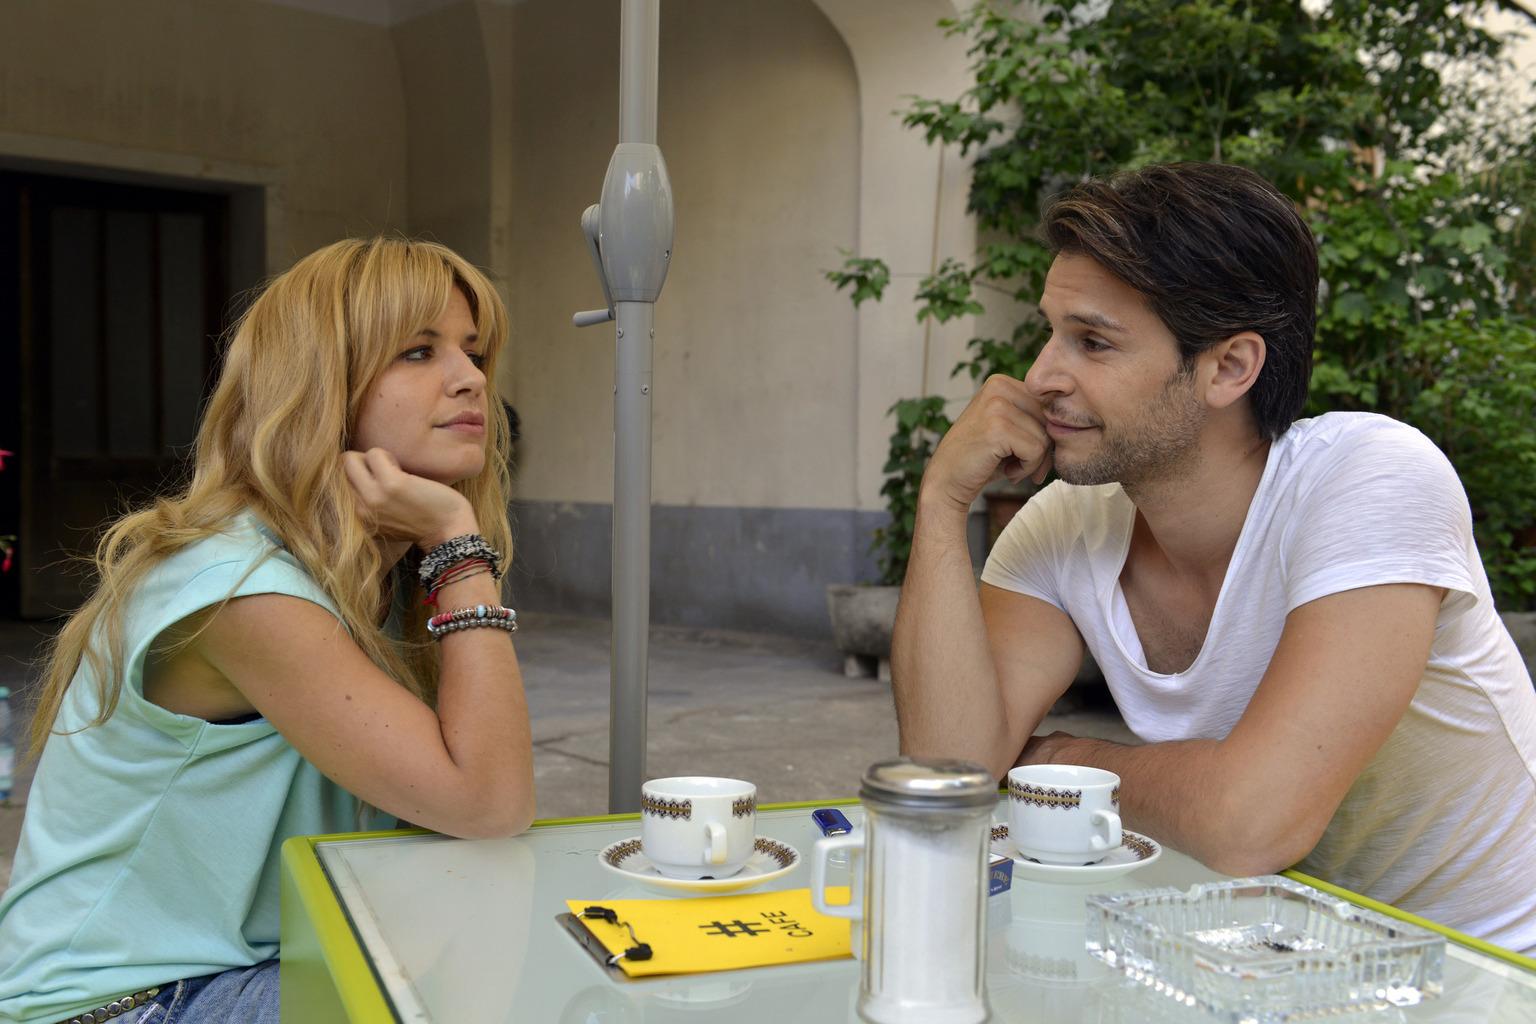 Mila (Susan Sideropoulos, l.) wagt sich in die Höhlen der Dating-Online-Portale. Nick (Florian Odendahl, r.) versucht alles, sie davon abzubringen, aber scheitert zunächst ... (Quelle: Sat1)